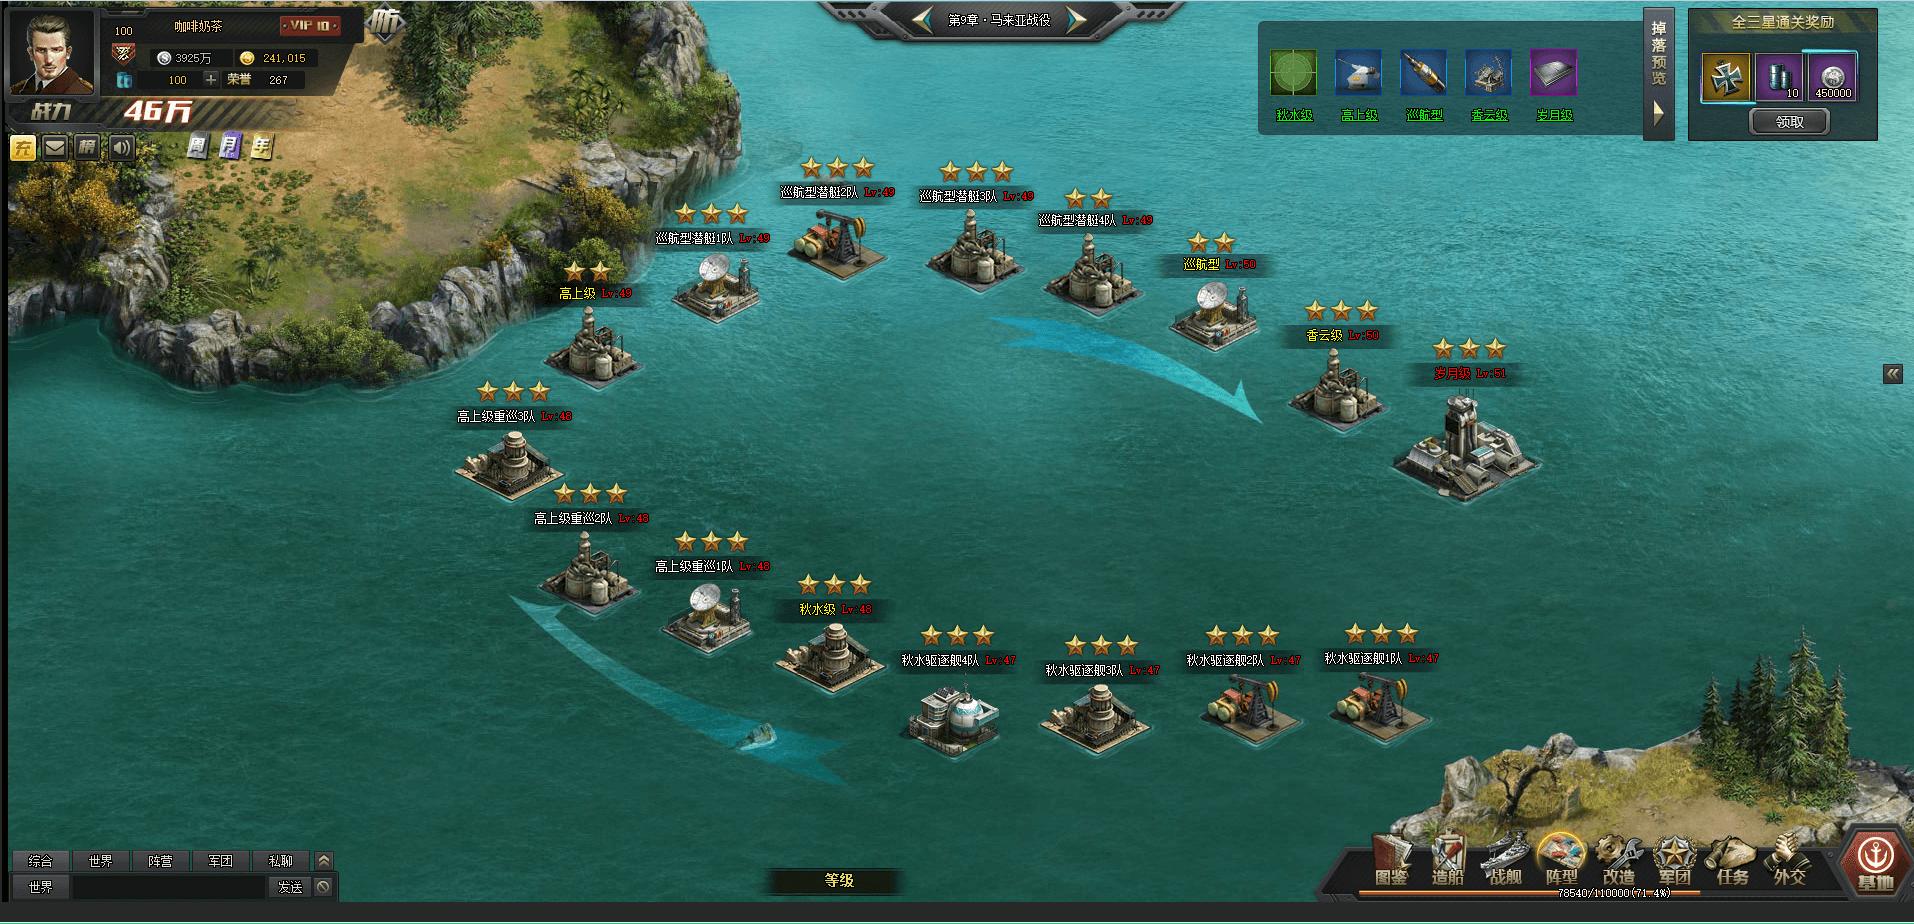 舰队黎明游戏截图1